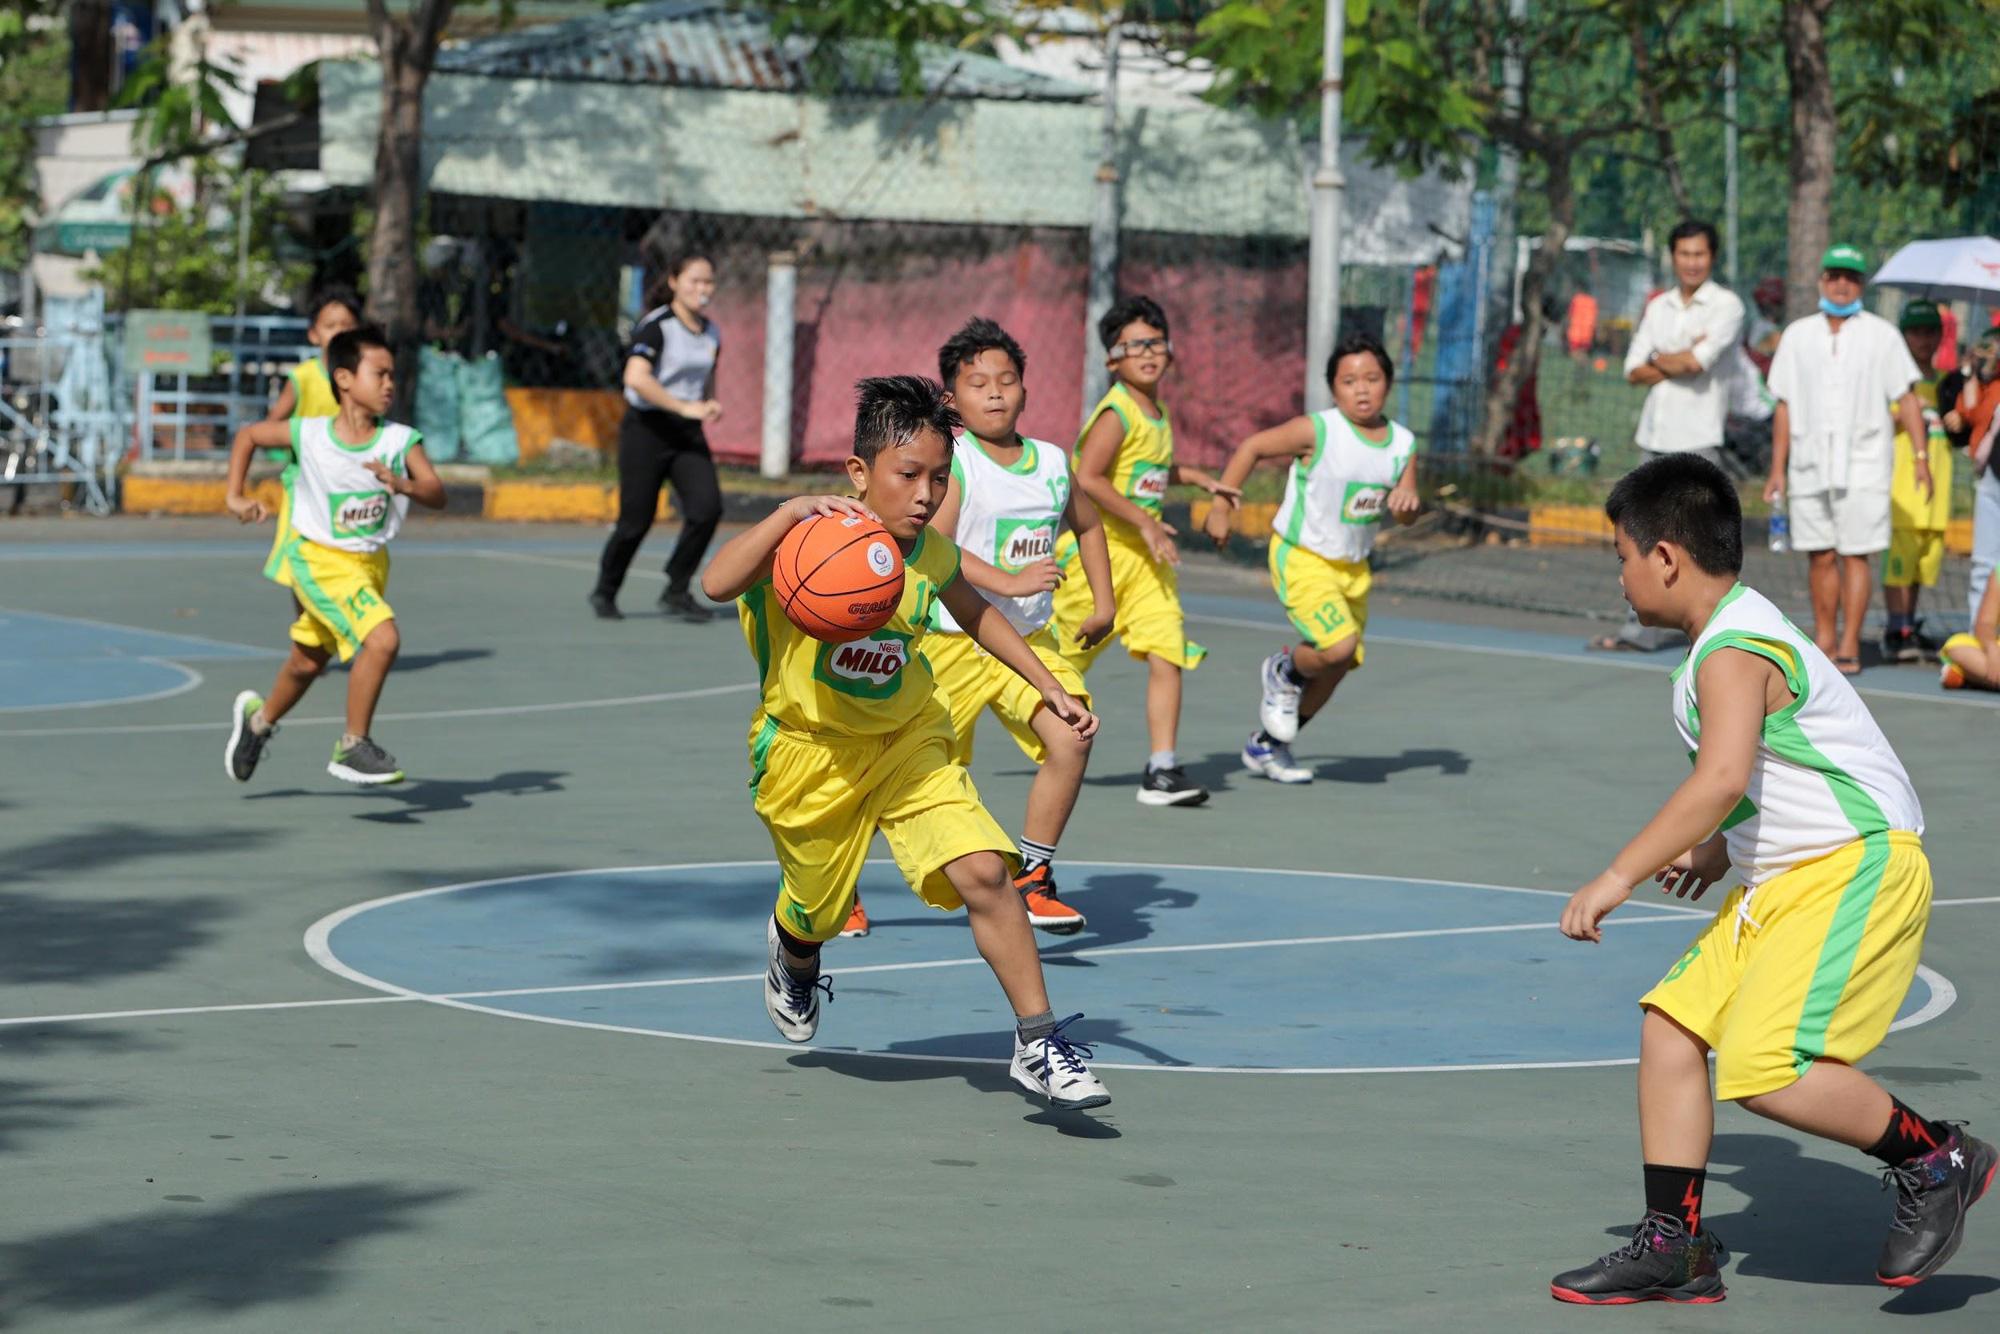 Có một thế hệ trẻ Việt trưởng thành từ sân bóng rổ - Ảnh 1.